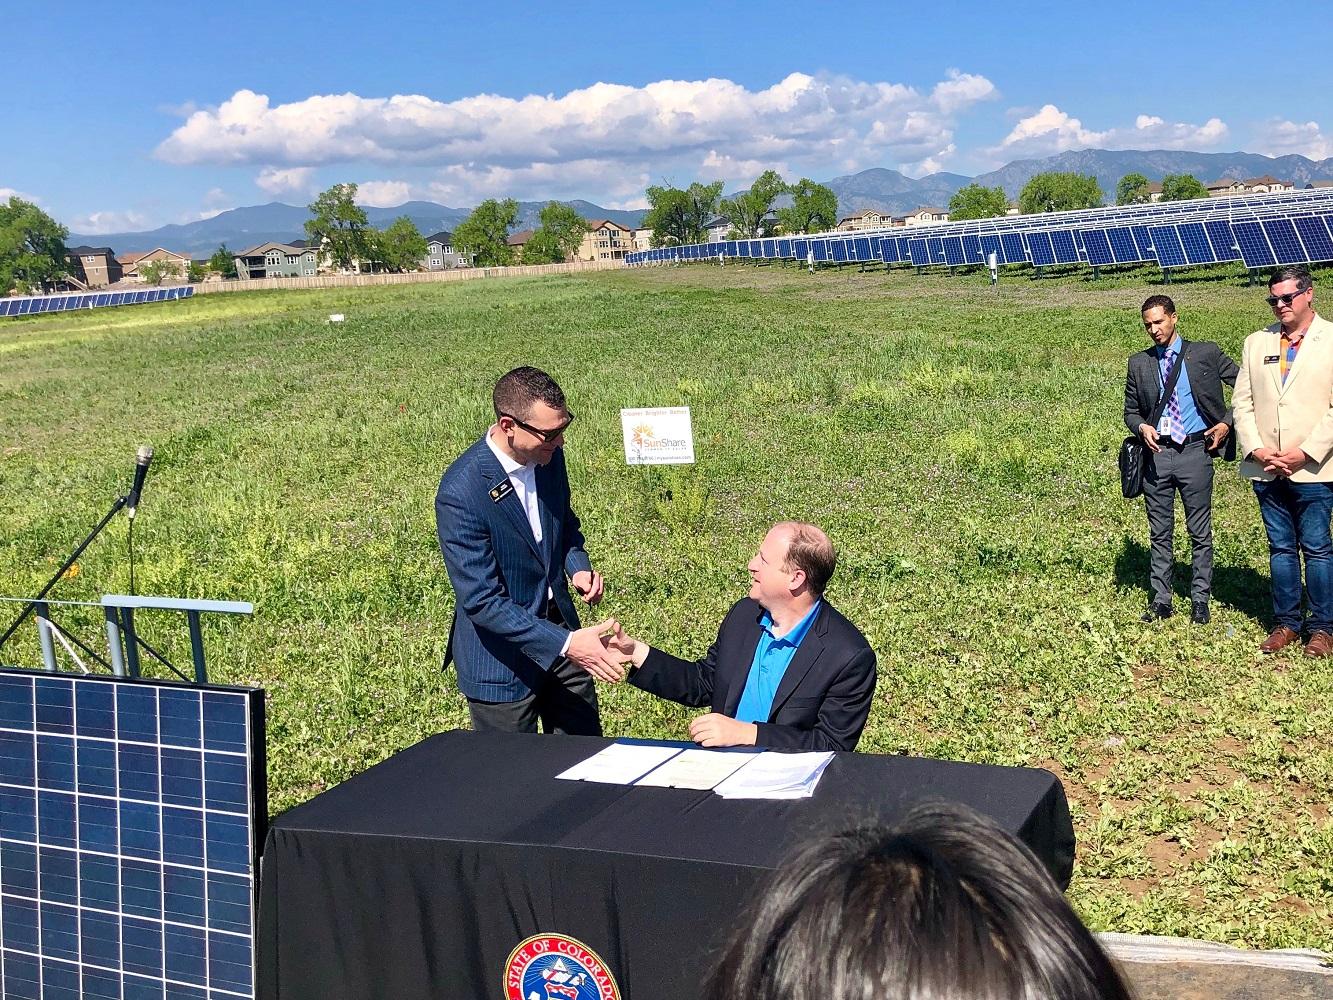 Two men shaking hands in solar panel field